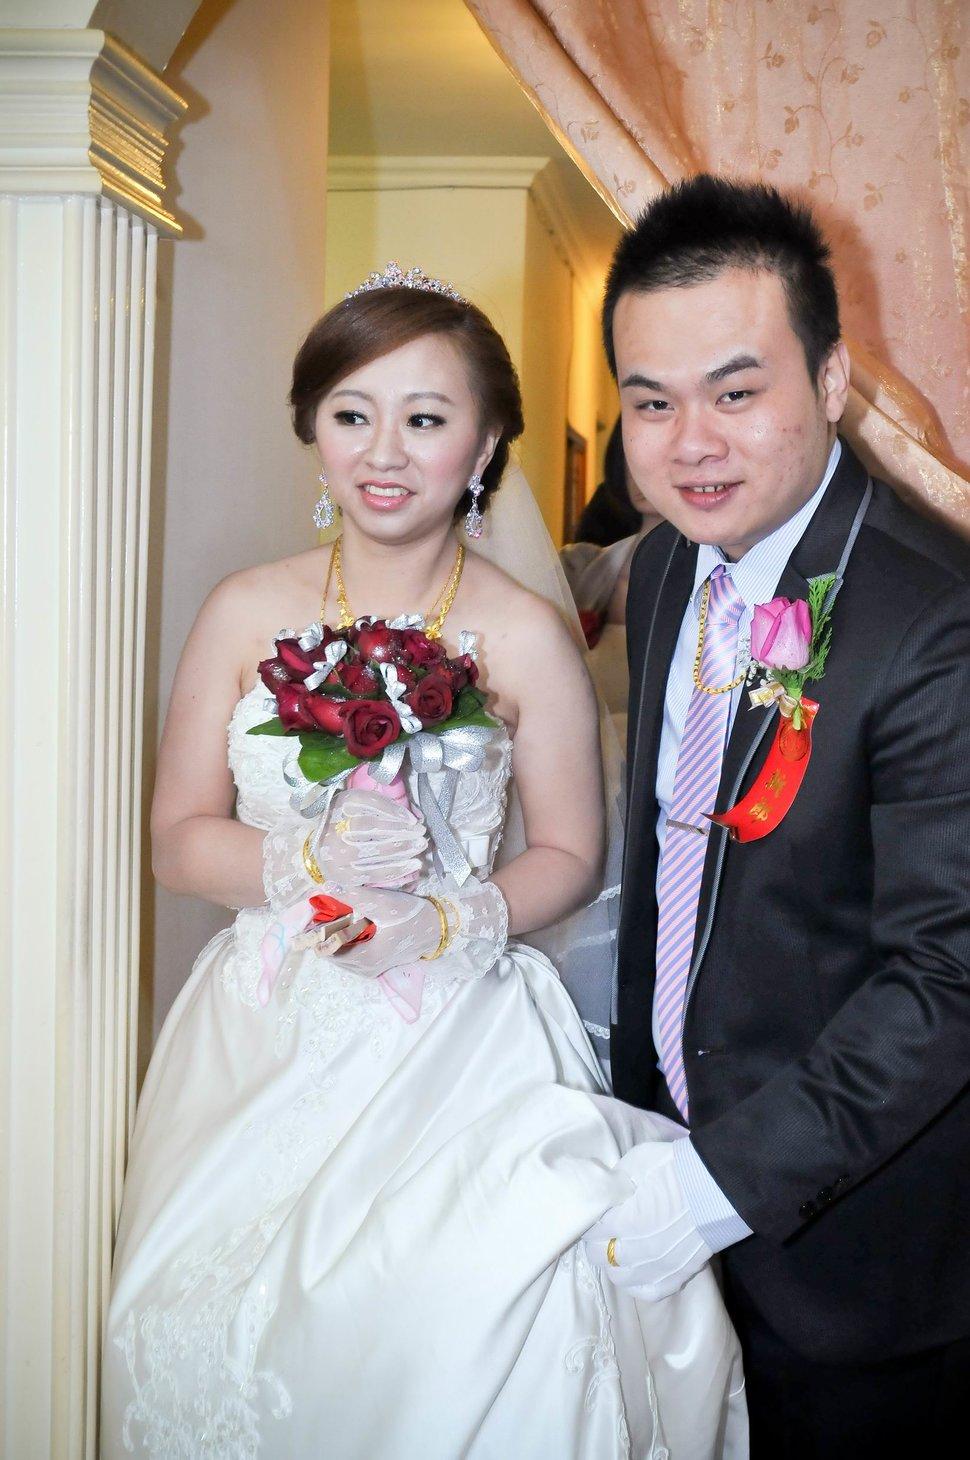 海產大王文定結婚儀式迎娶晚宴婚禮結婚儀式午宴婚禮記錄動態微電影錄影專業錄影平面攝影婚攝婚禮主持人(編號:303369) - 蜜月拍照10800錄影12800攝影團隊 - 結婚吧